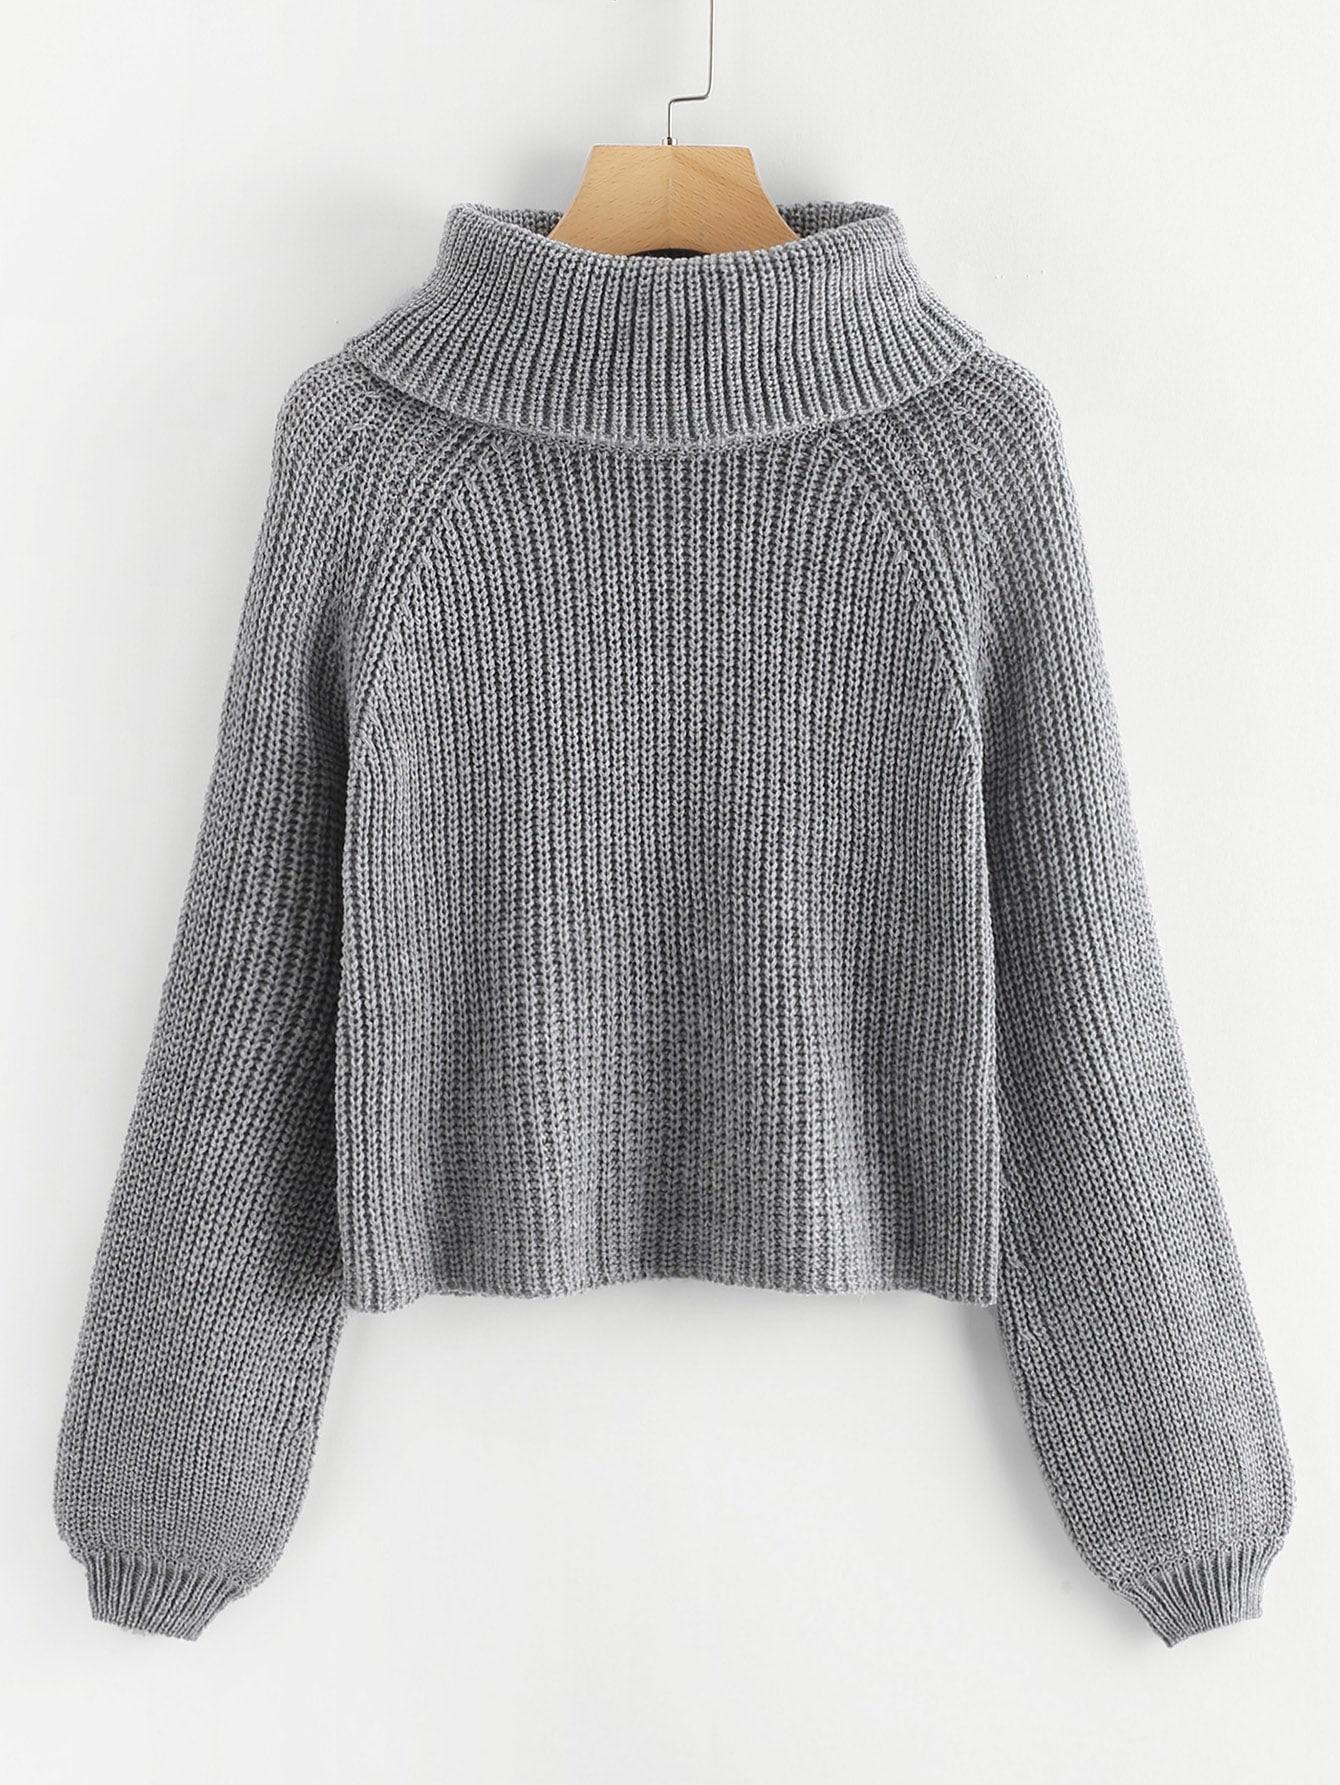 Купить Размер плюс свитер с высоким вырезом и рукавами реглан, null, SheIn